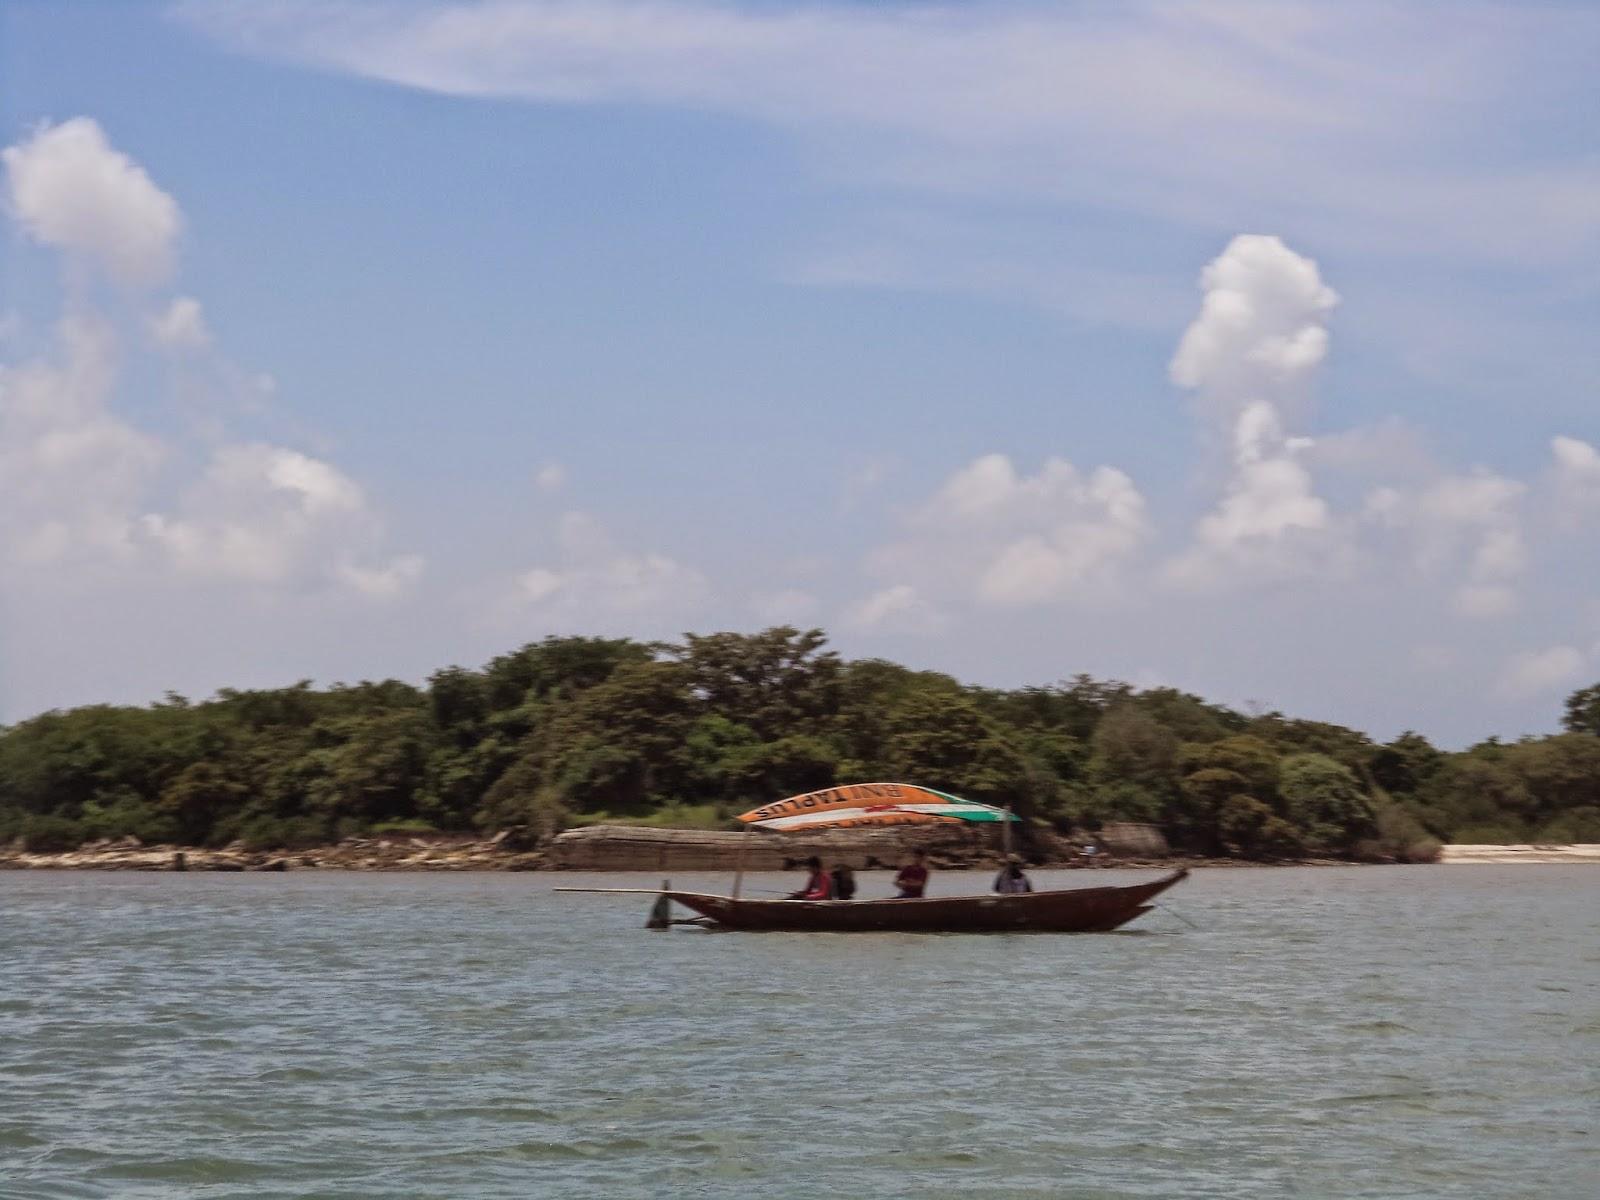 Indahnya Pulau Mengare Pejalan Benteng Lodewijk Tertinggal Puing Puingnya Pantai